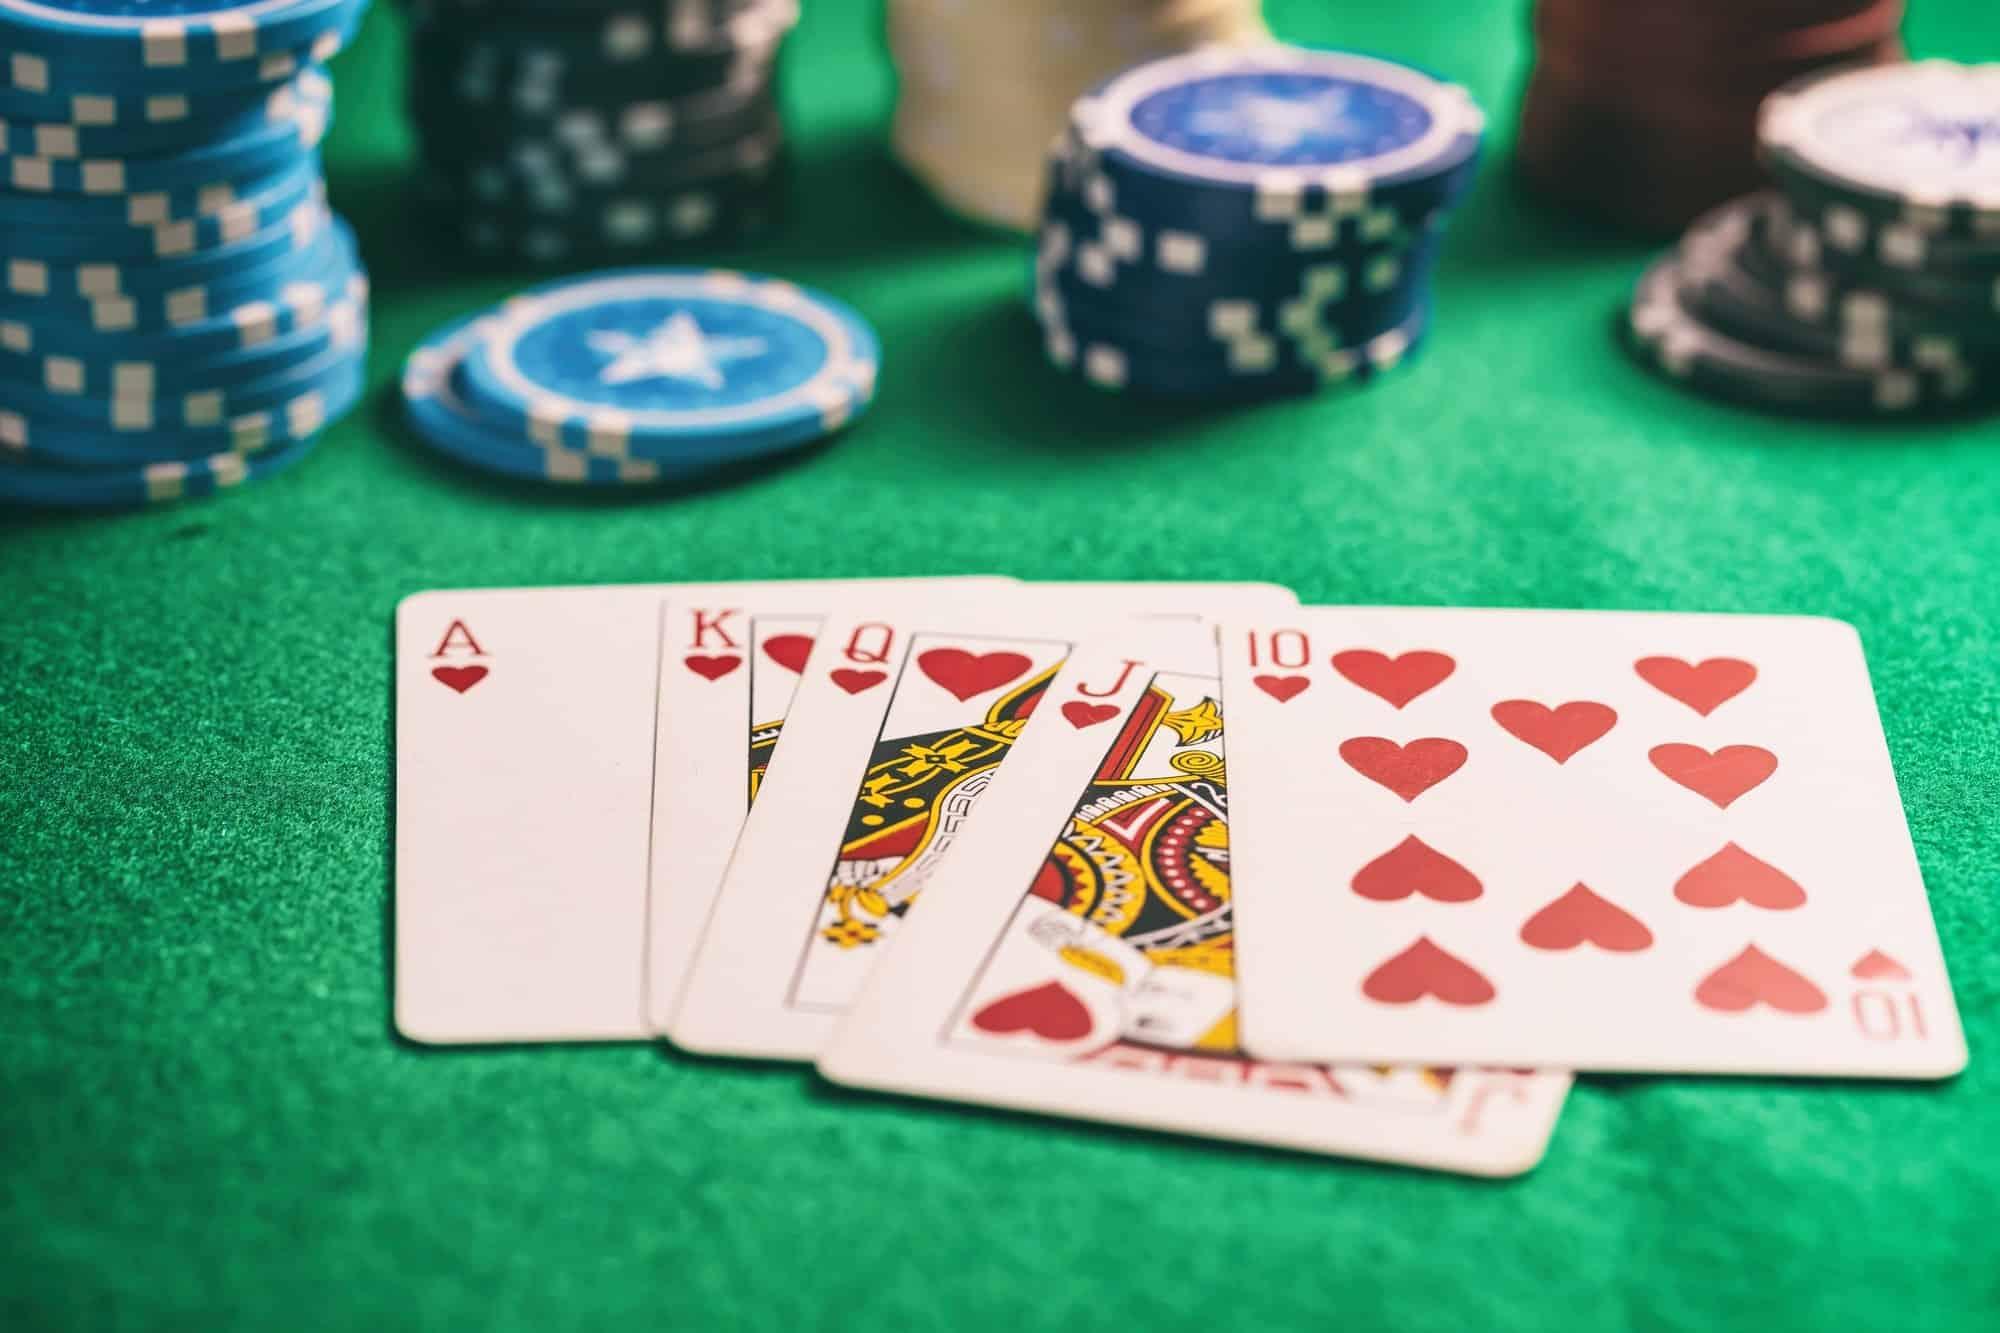 Come giocare a Poker online senza soldi